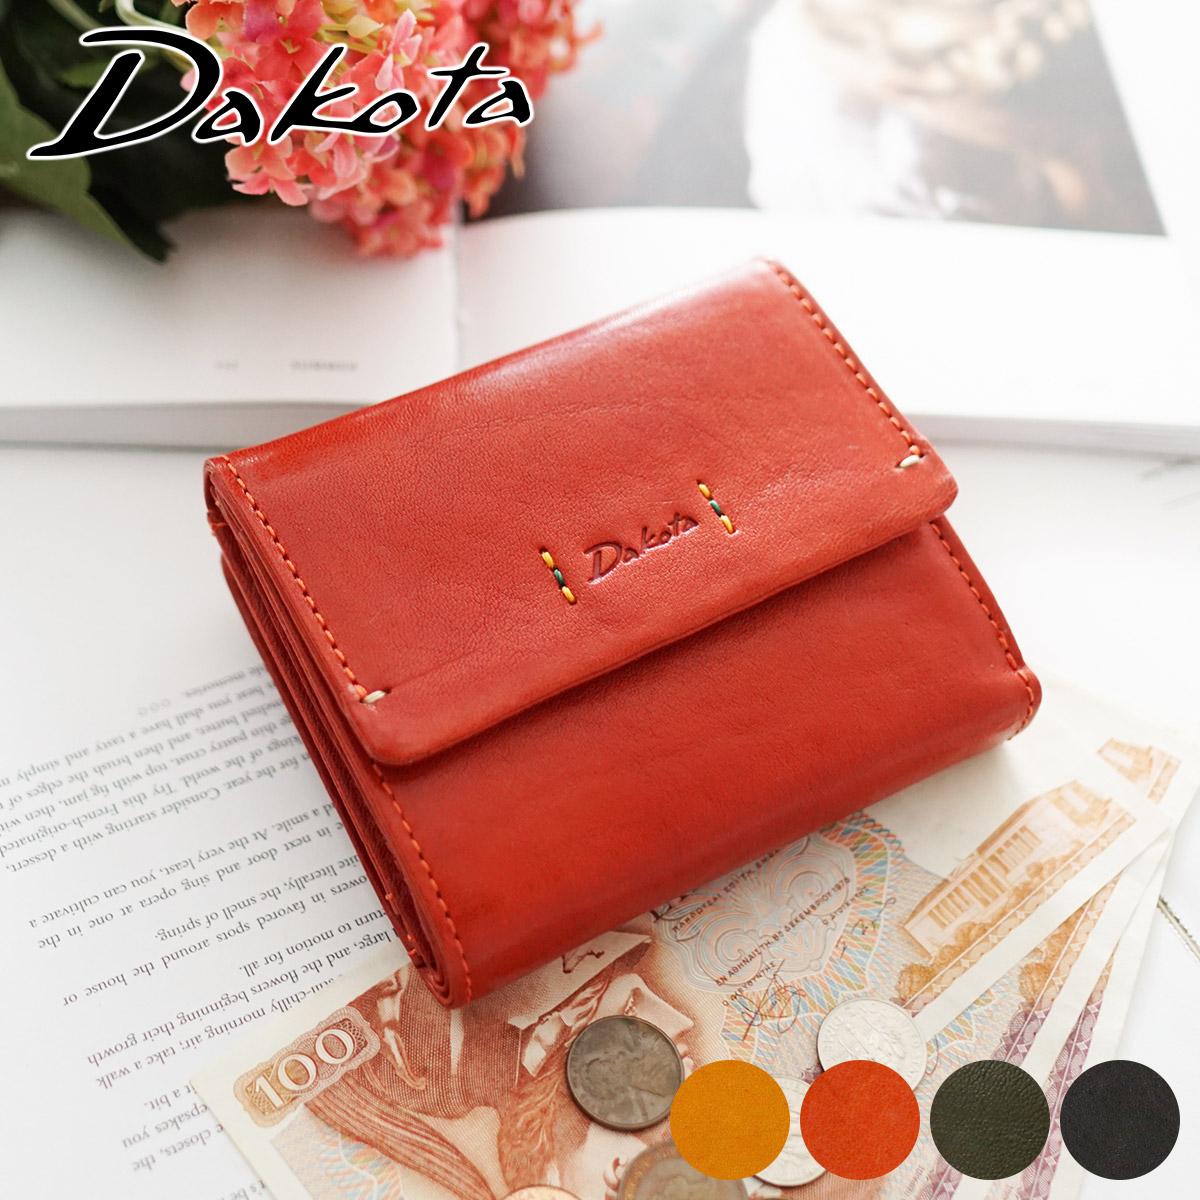 【かわいいWプレゼント付】 Dakota ダコタ 財布ピチカート 小銭入れ付き二つ折り財布 0036361レディース 二つ折り ギフト かわいい おしゃれ プレゼント ブランド